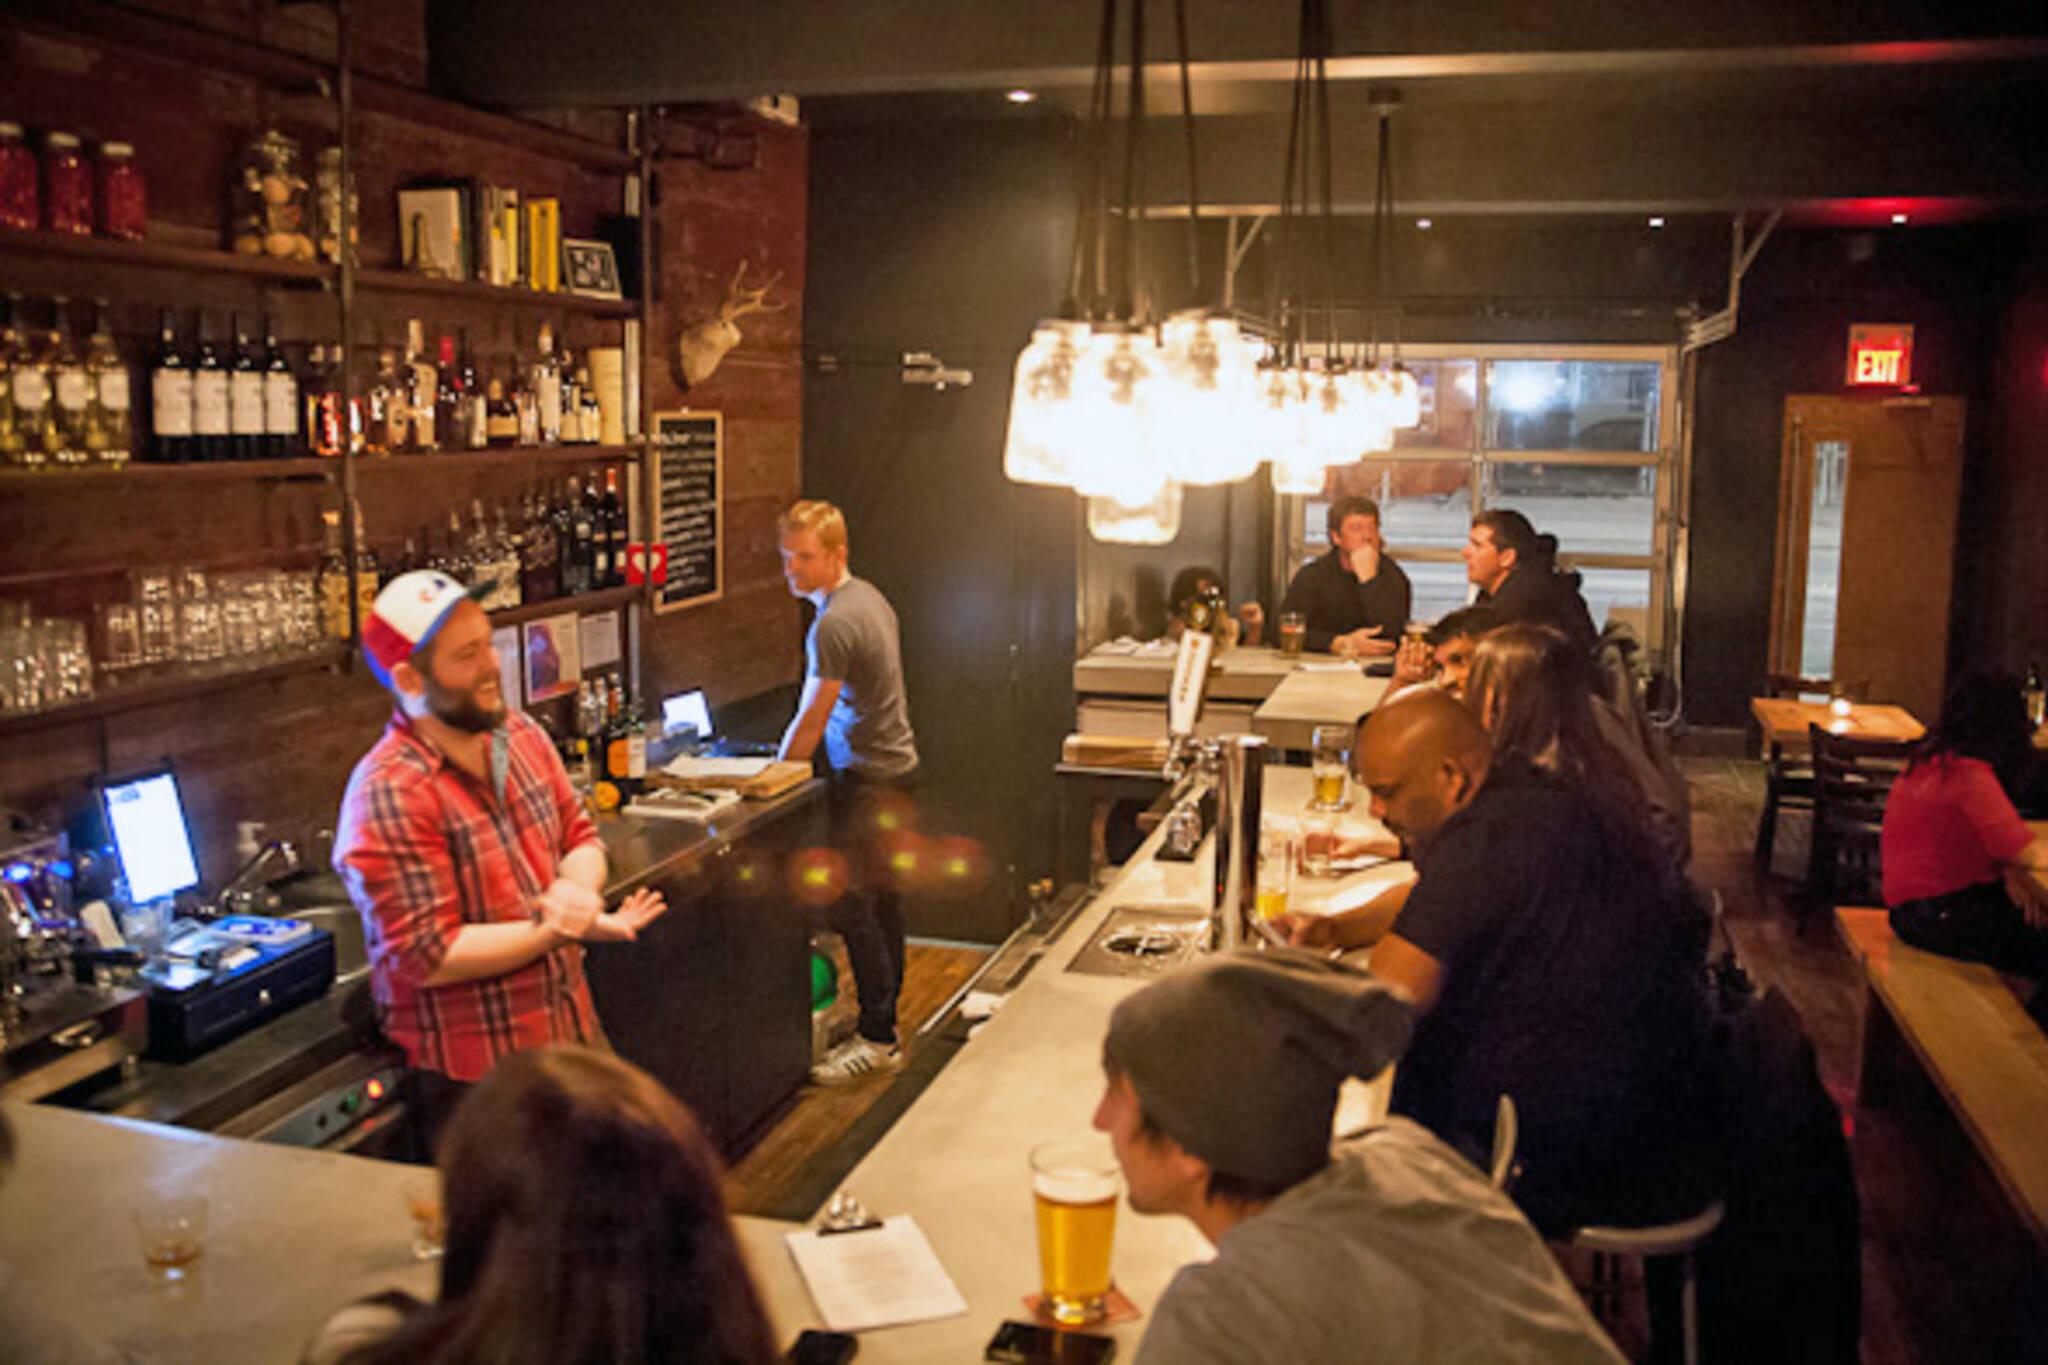 Queen east bars pubs toronto